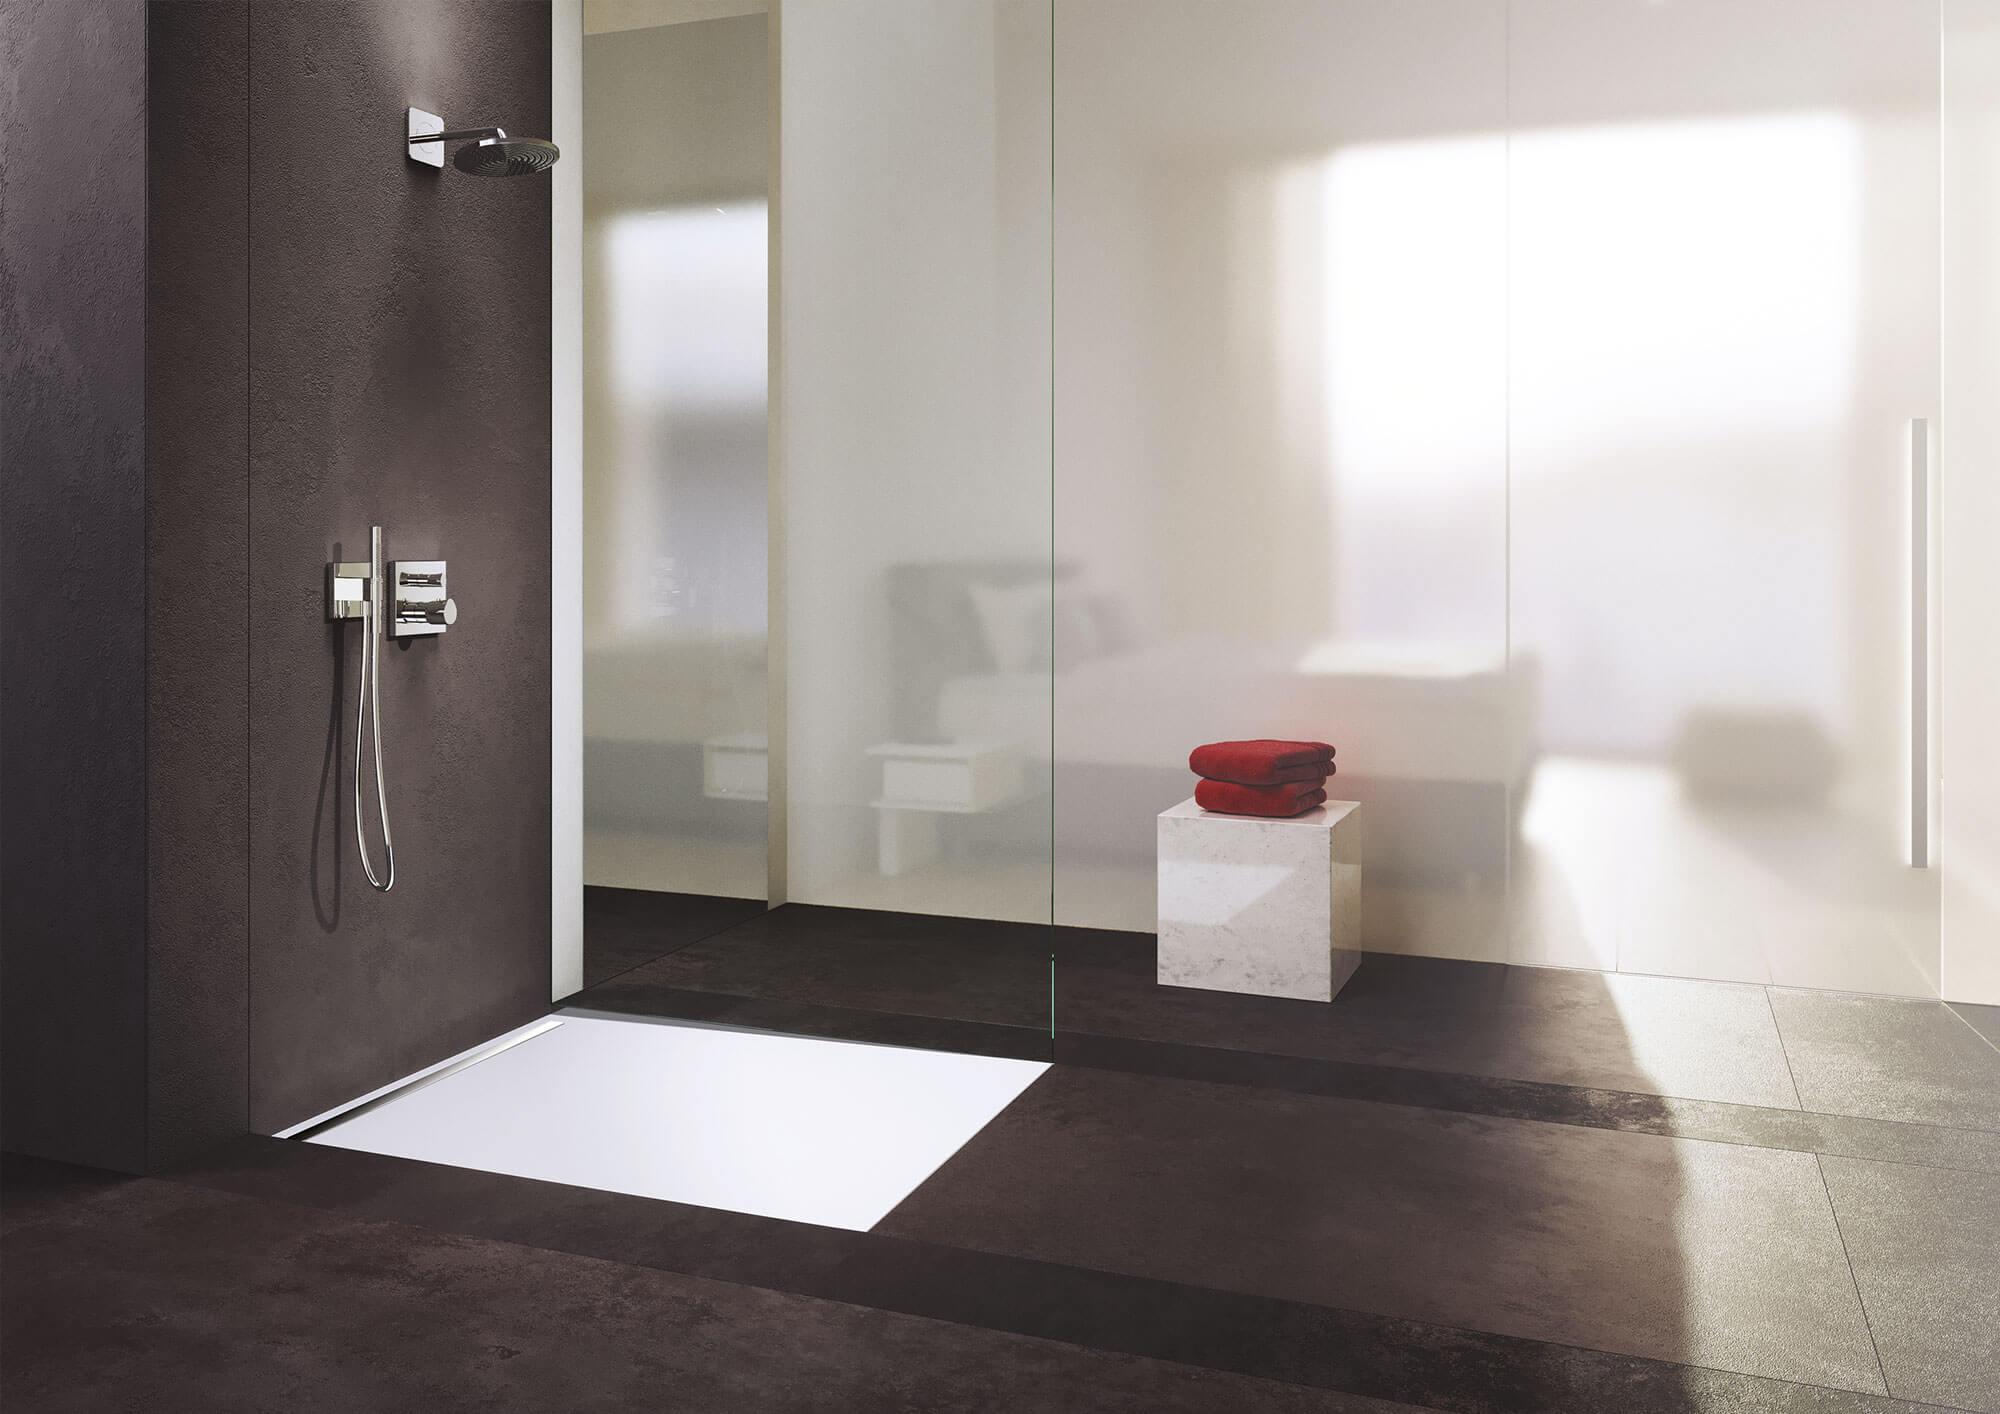 Vasca Da Bagno Kaldewei Prezzi : Realizziamo il bagno dei vostri sogni.